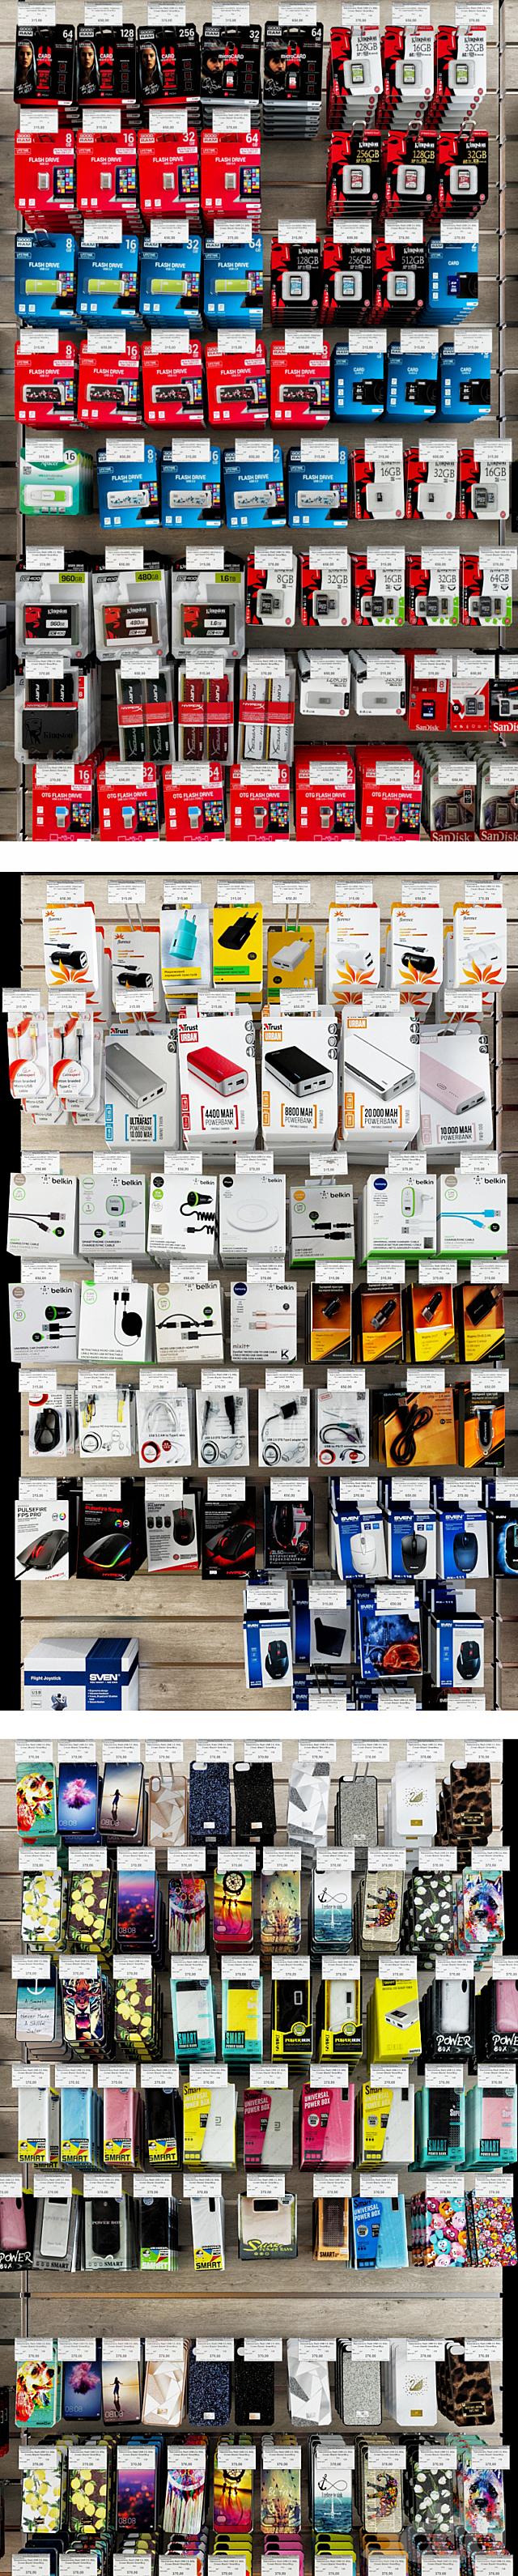 Магазин аксессуаров для мобильных телефонов_2